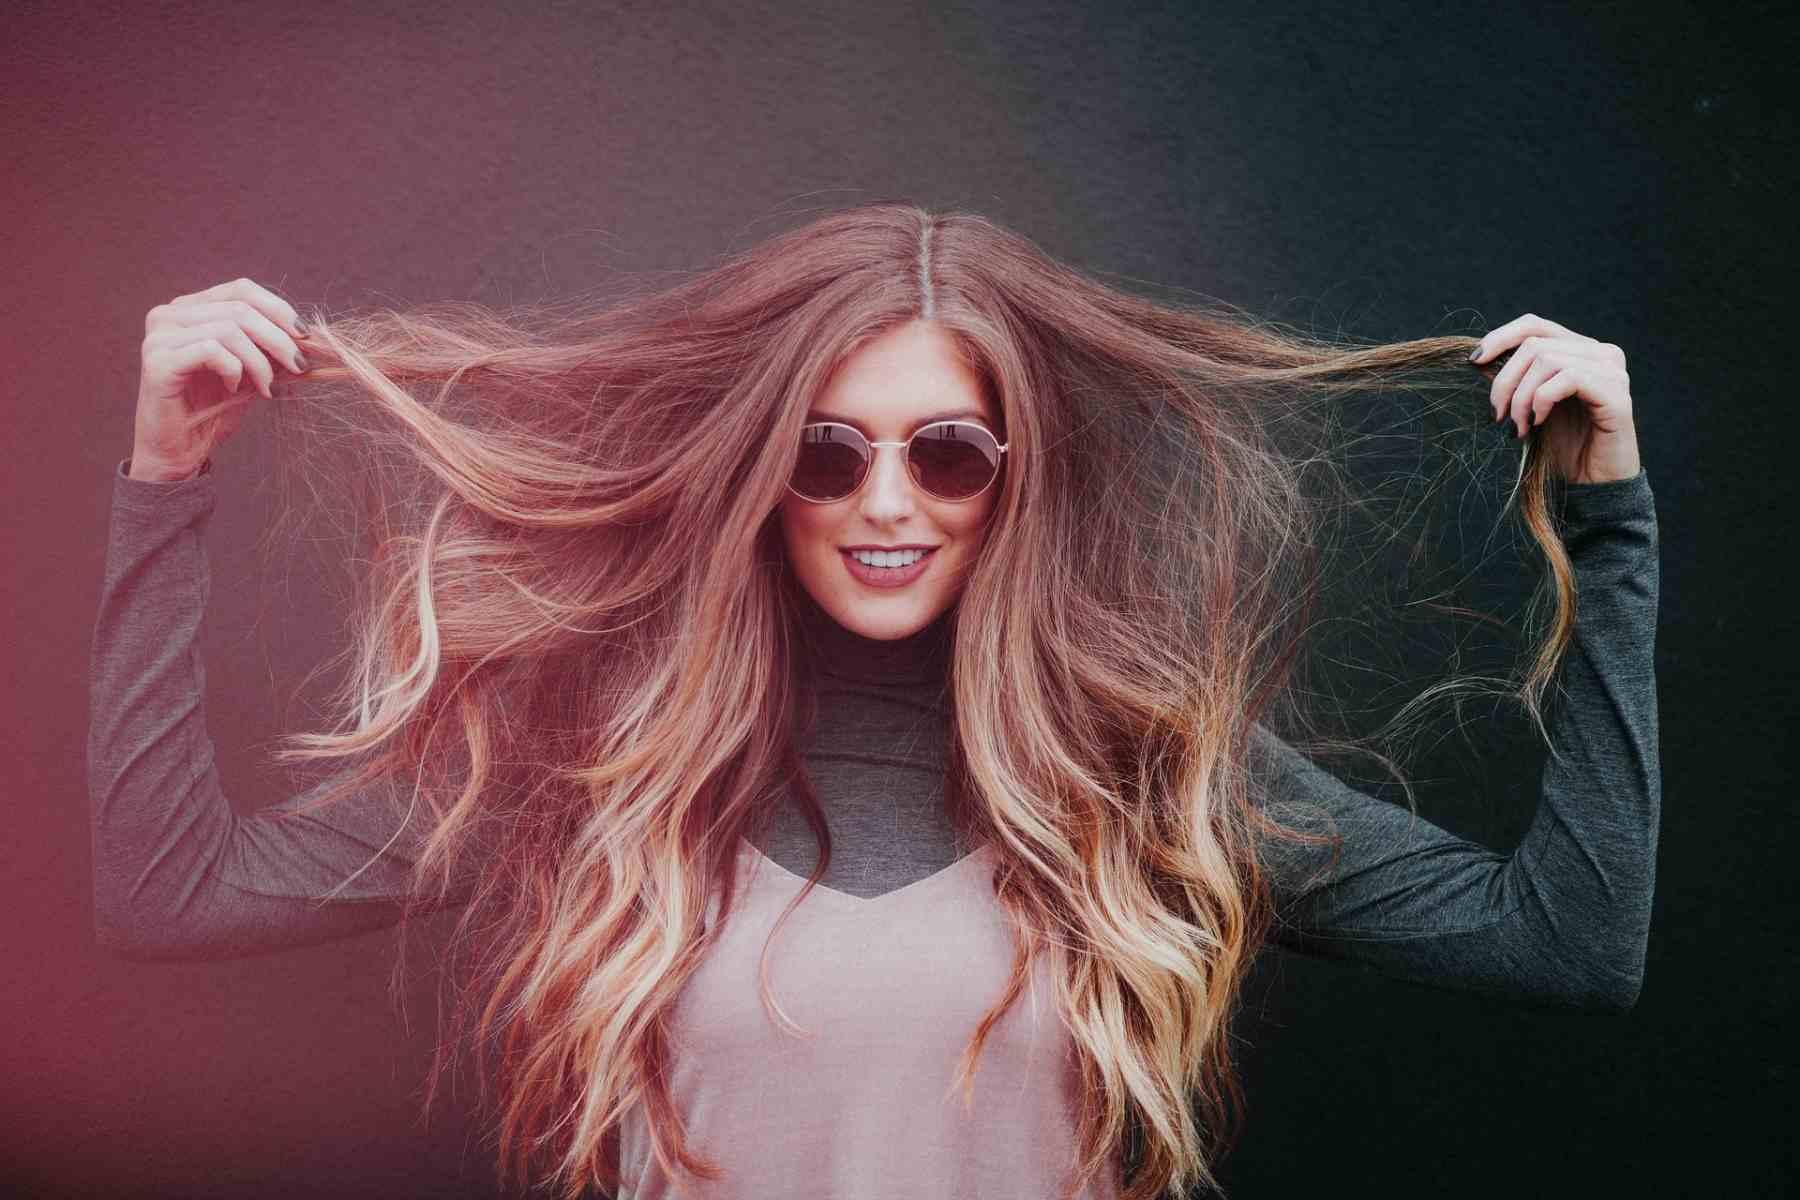 Haarwachstum anregen und mit vollem Haar gut aussehen